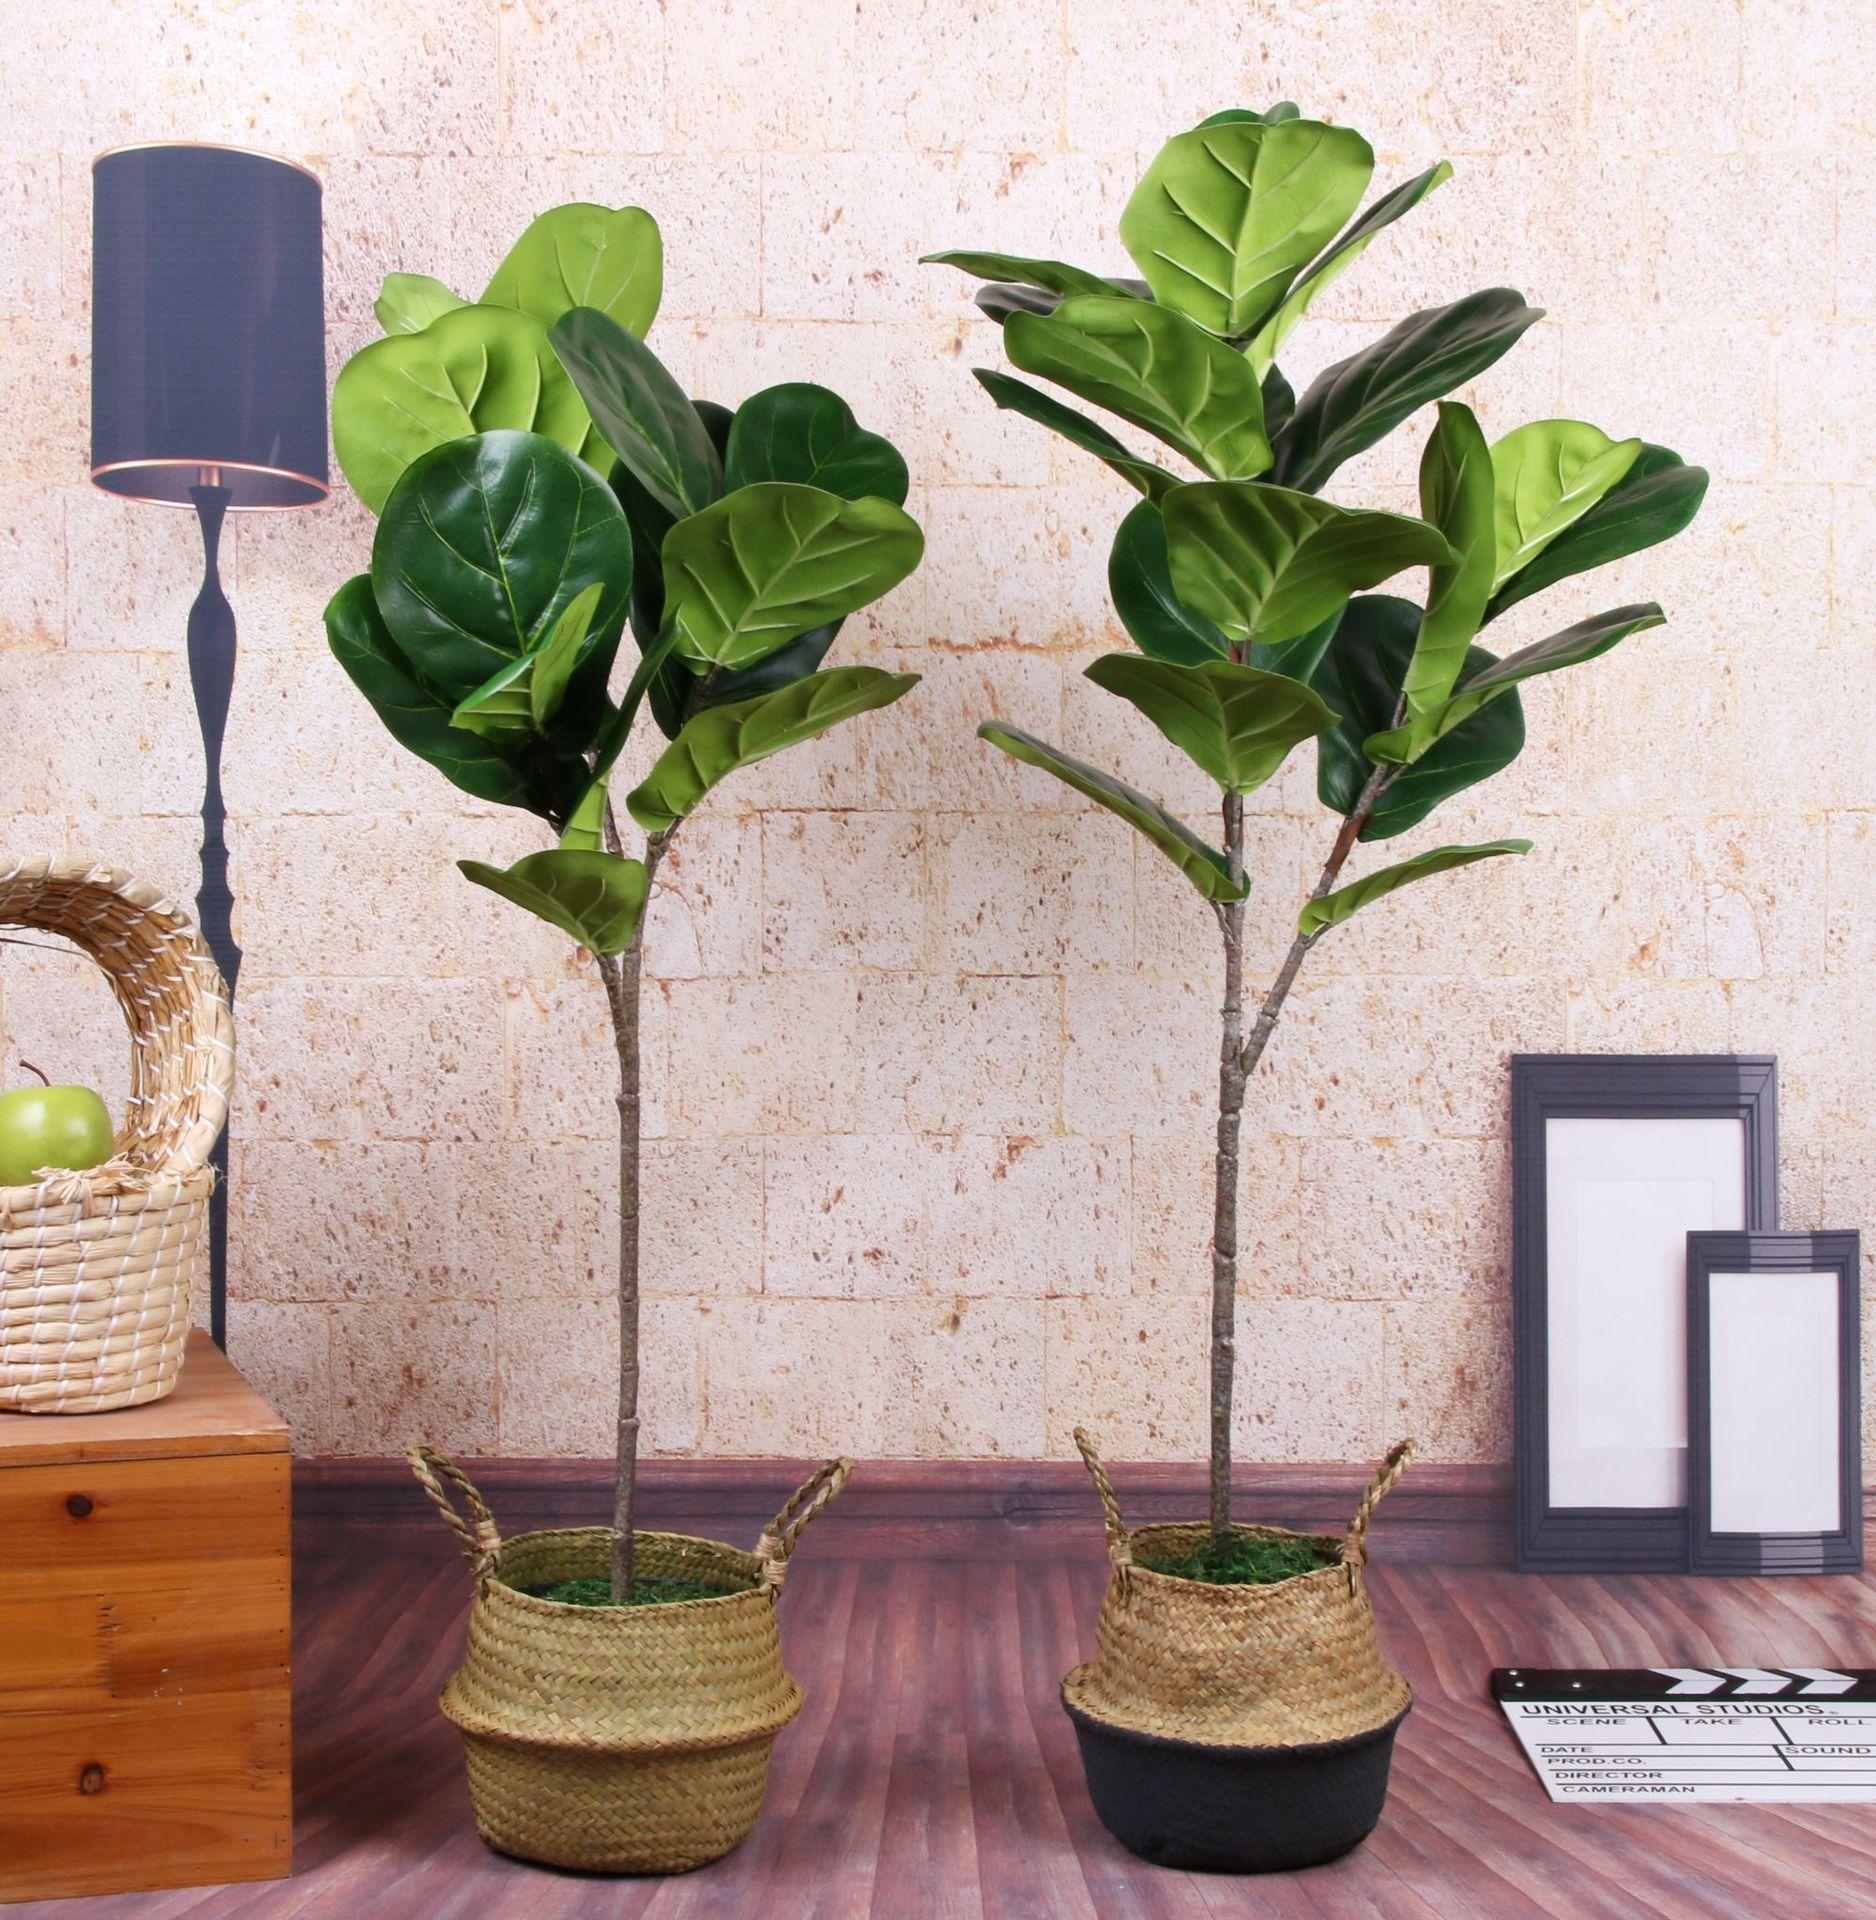 5 PCS Vero Tocco Artificiale Banyan Ramo di Un albero Artificiale albero di Banyan Pianta Falso albero di Banyan Bouquet Per La Casa Decorazione del Giardino-in Piante artificiali da Casa e giardino su  Gruppo 3